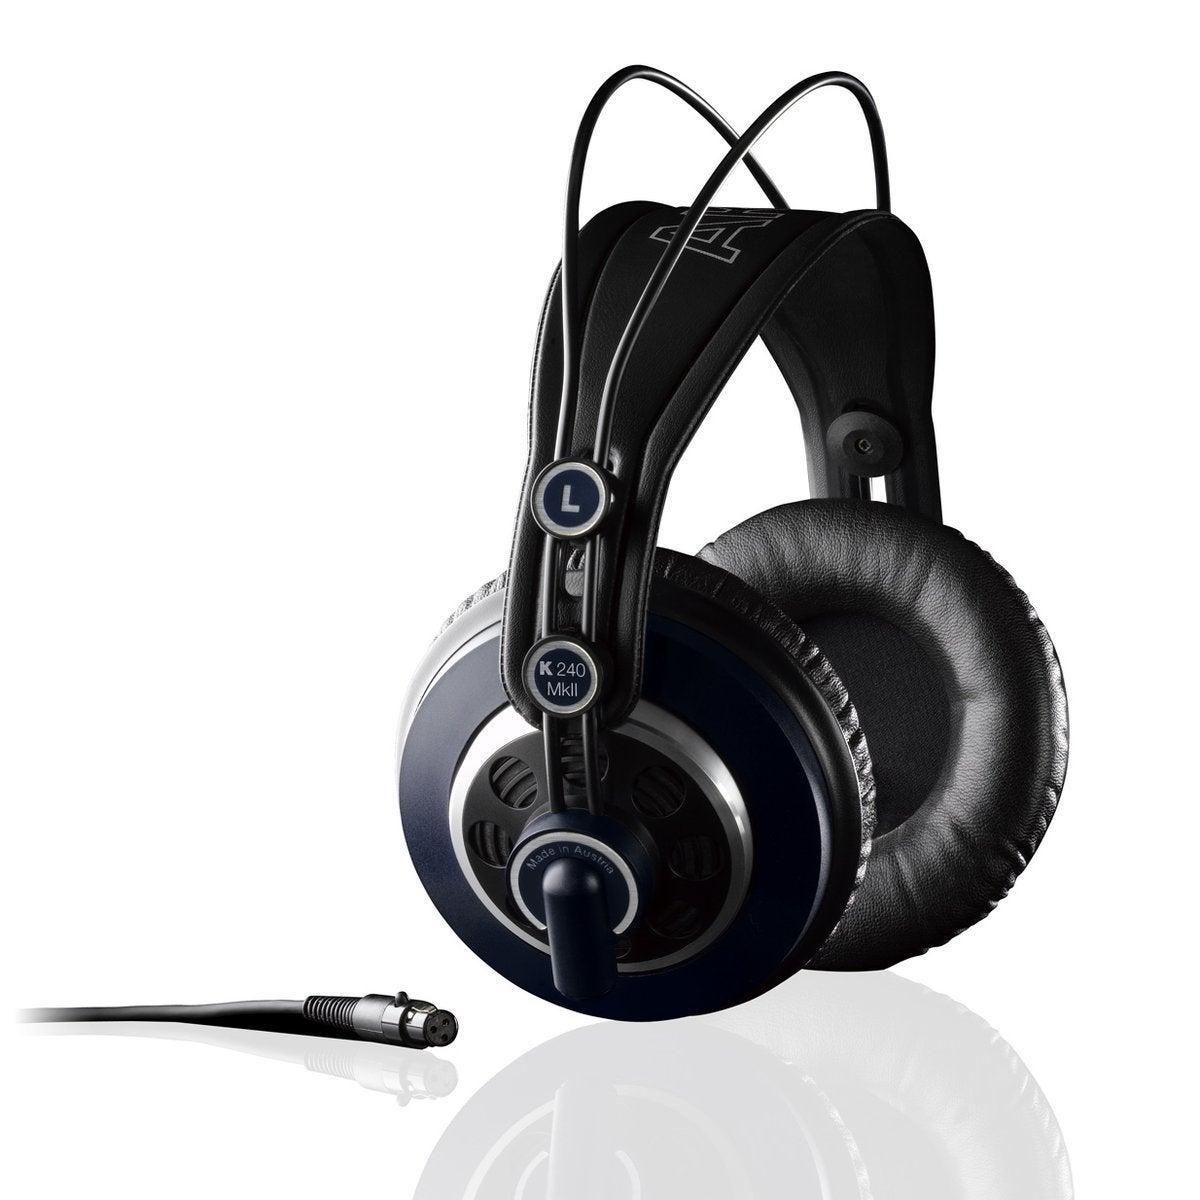 AKG K240 MK II Headphones